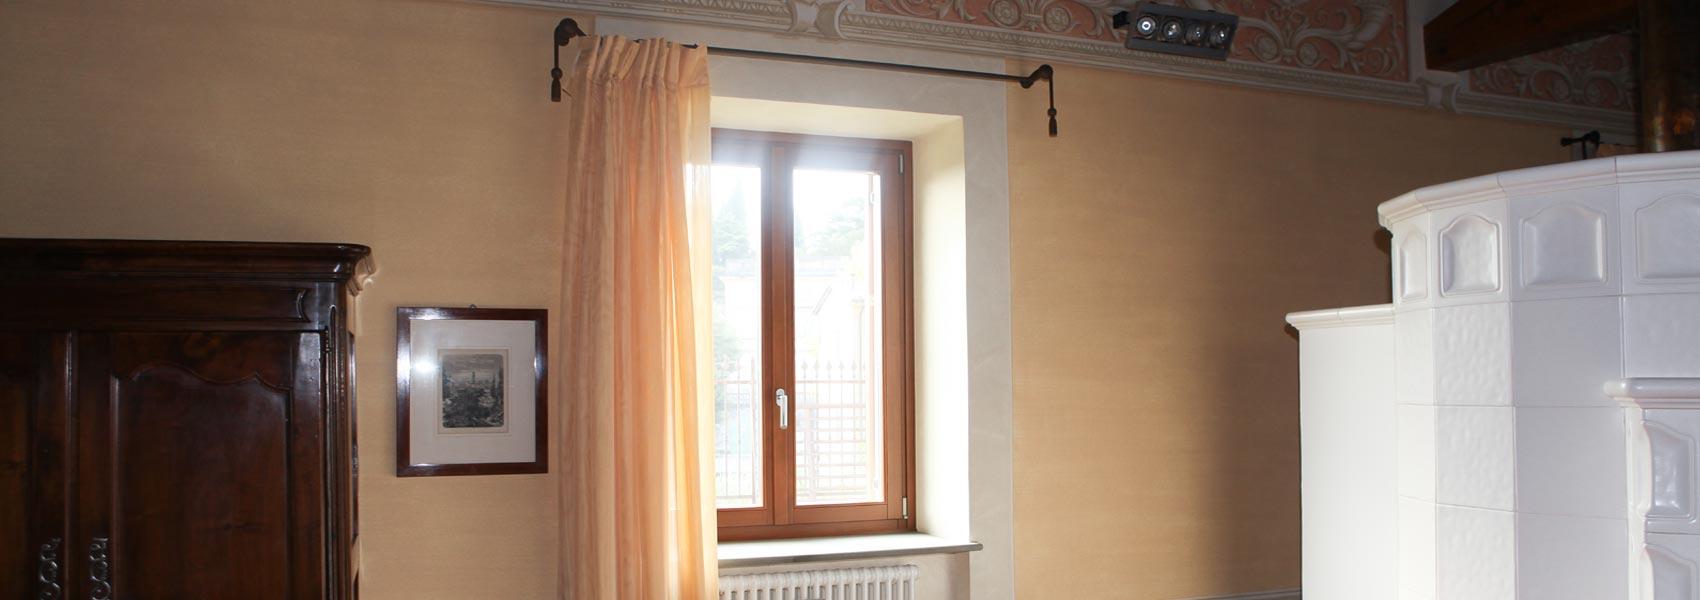 Produzione di finestre vasistas in legno alluminio a villafranca verona - Finestre a bilico verticale ...